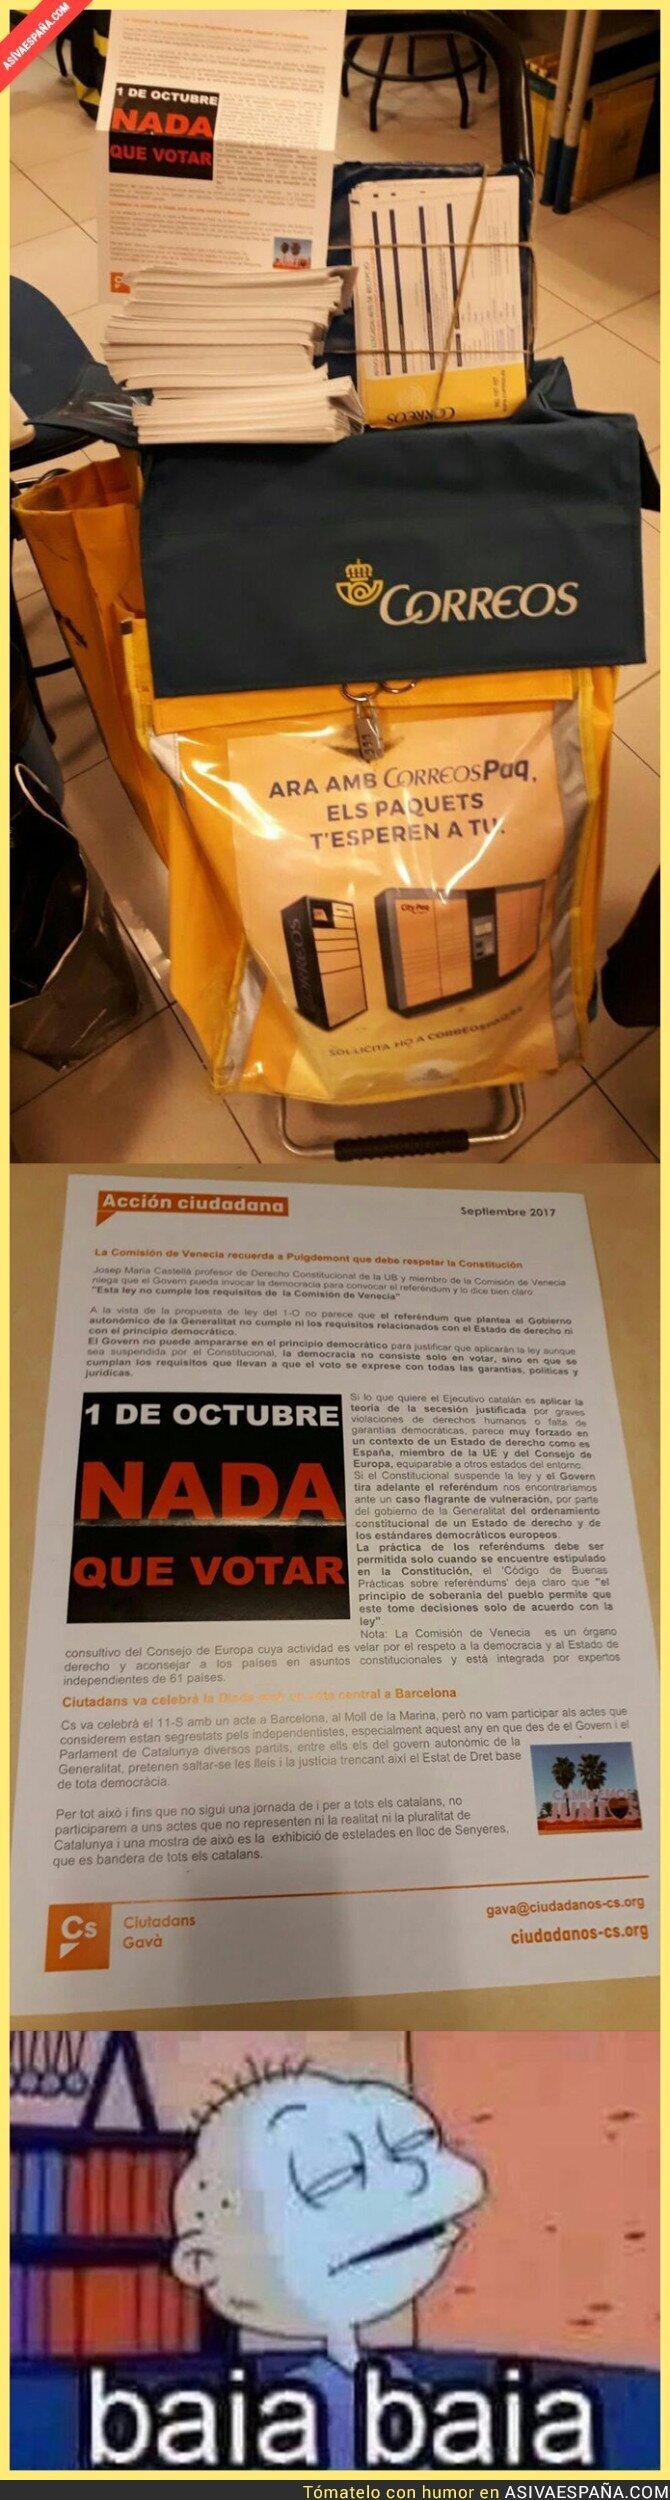 75682 - Pillan a 'Correos' mandando cartas de 'Ciudadanos' incitando a No votar en el referéndum